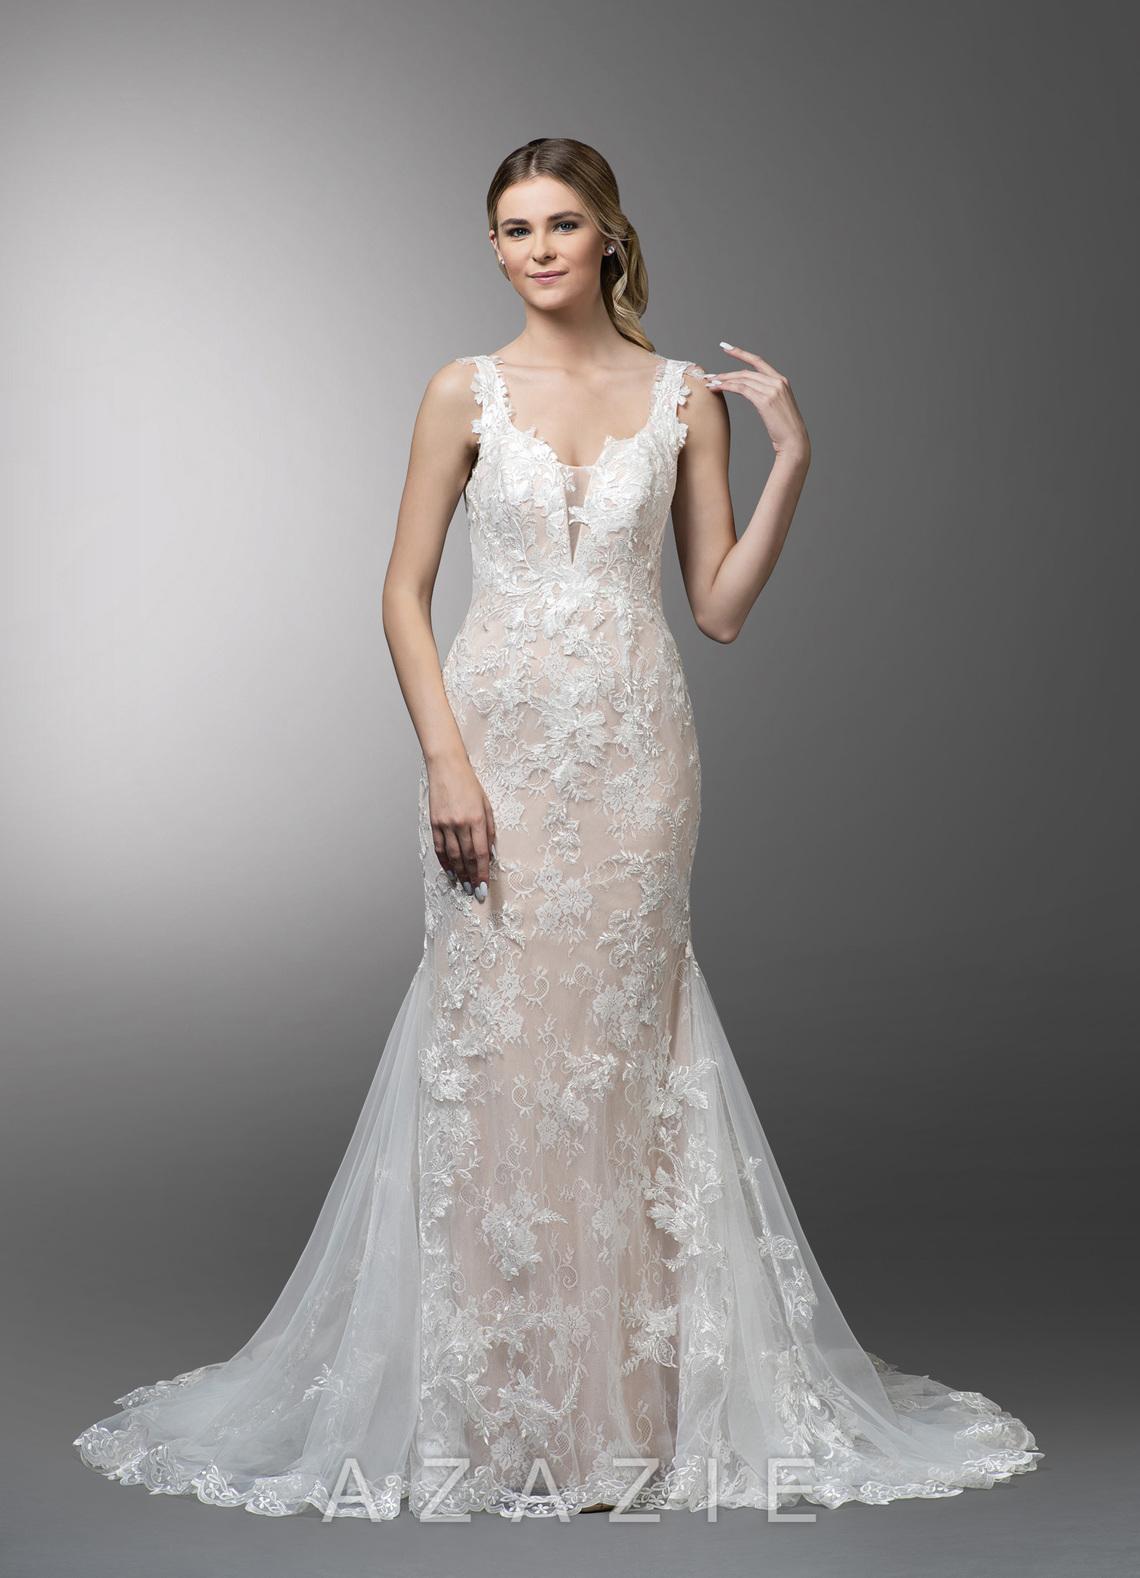 5b1648142 Azazie Brielle BG Wedding Dress   Azazie